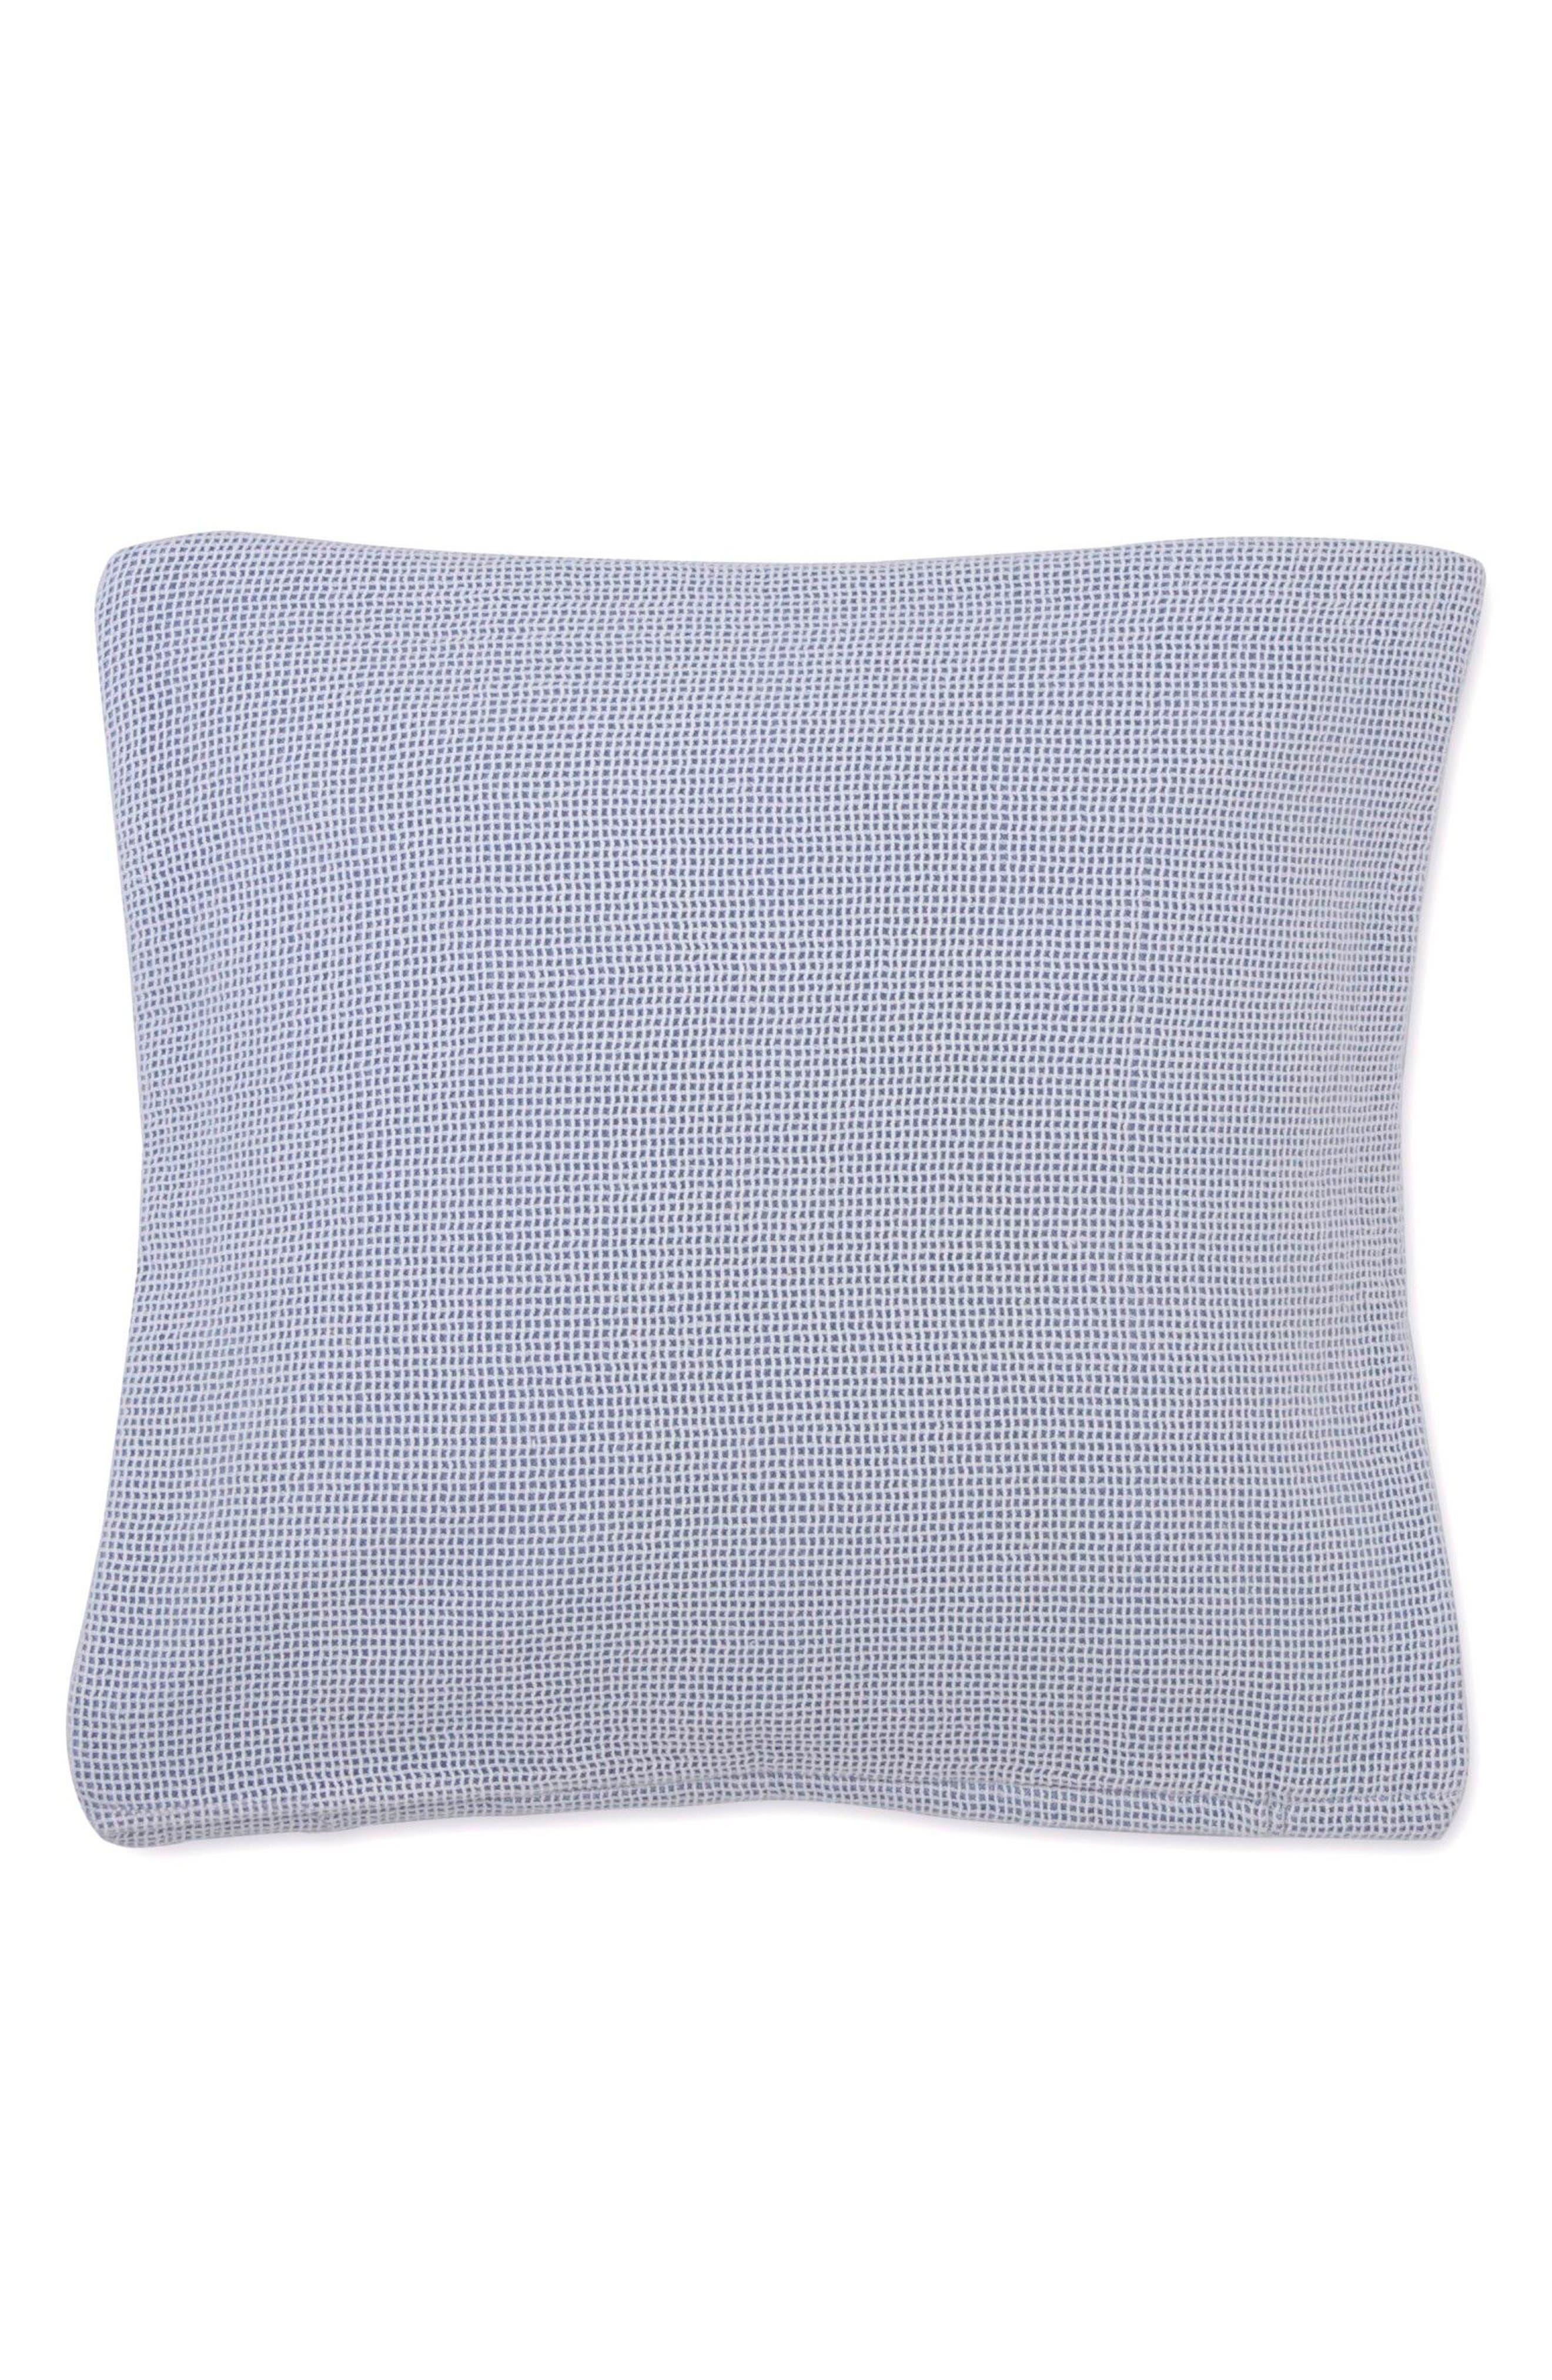 Sea Breeze Square Accent Pillow,                         Main,                         color, LIGHT BLUE